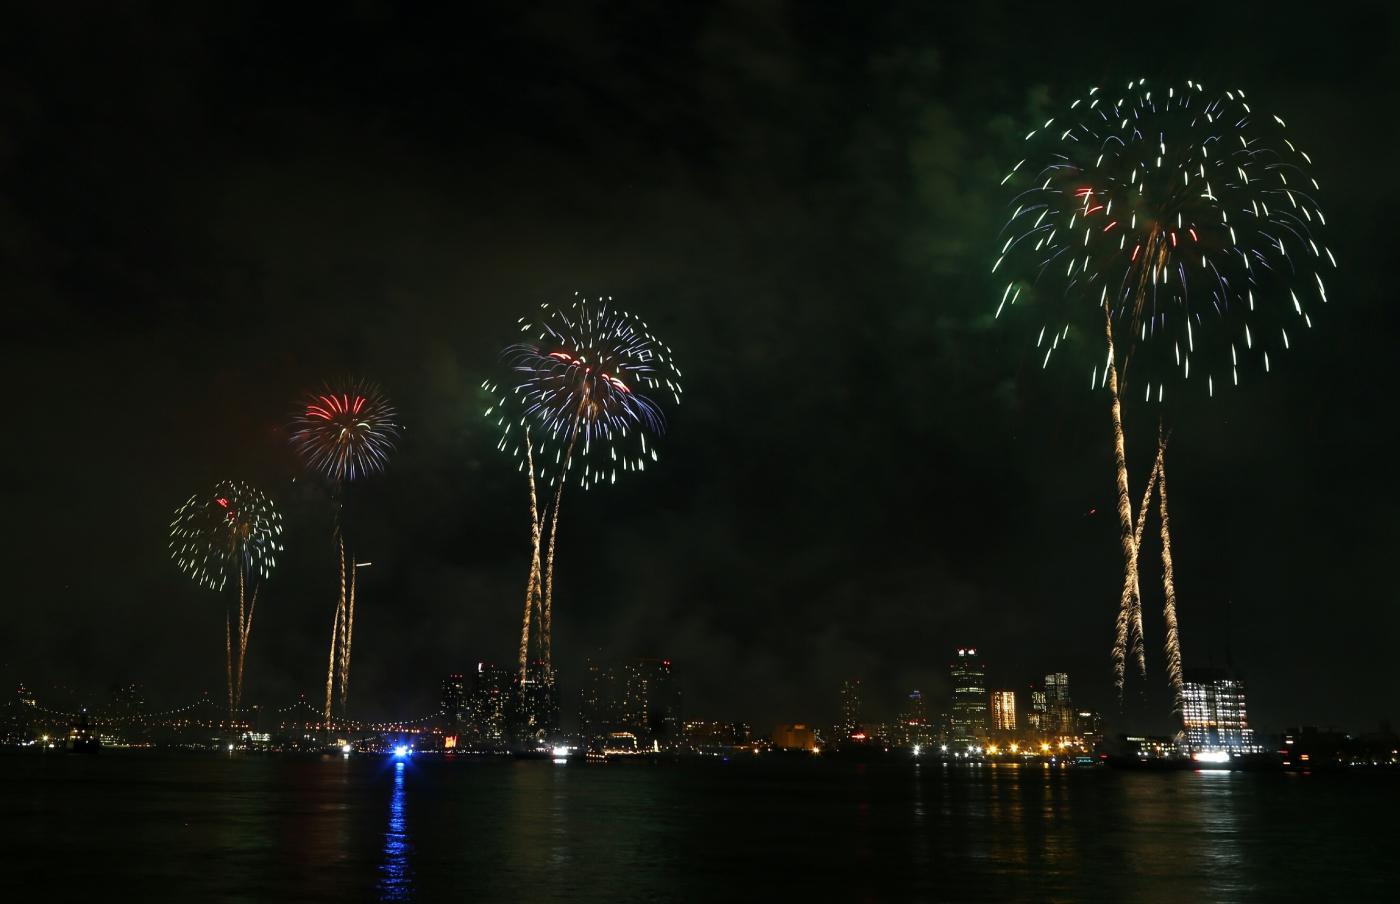 【田螺摄影】记录拍摄2017美国烟火秀_图1-25